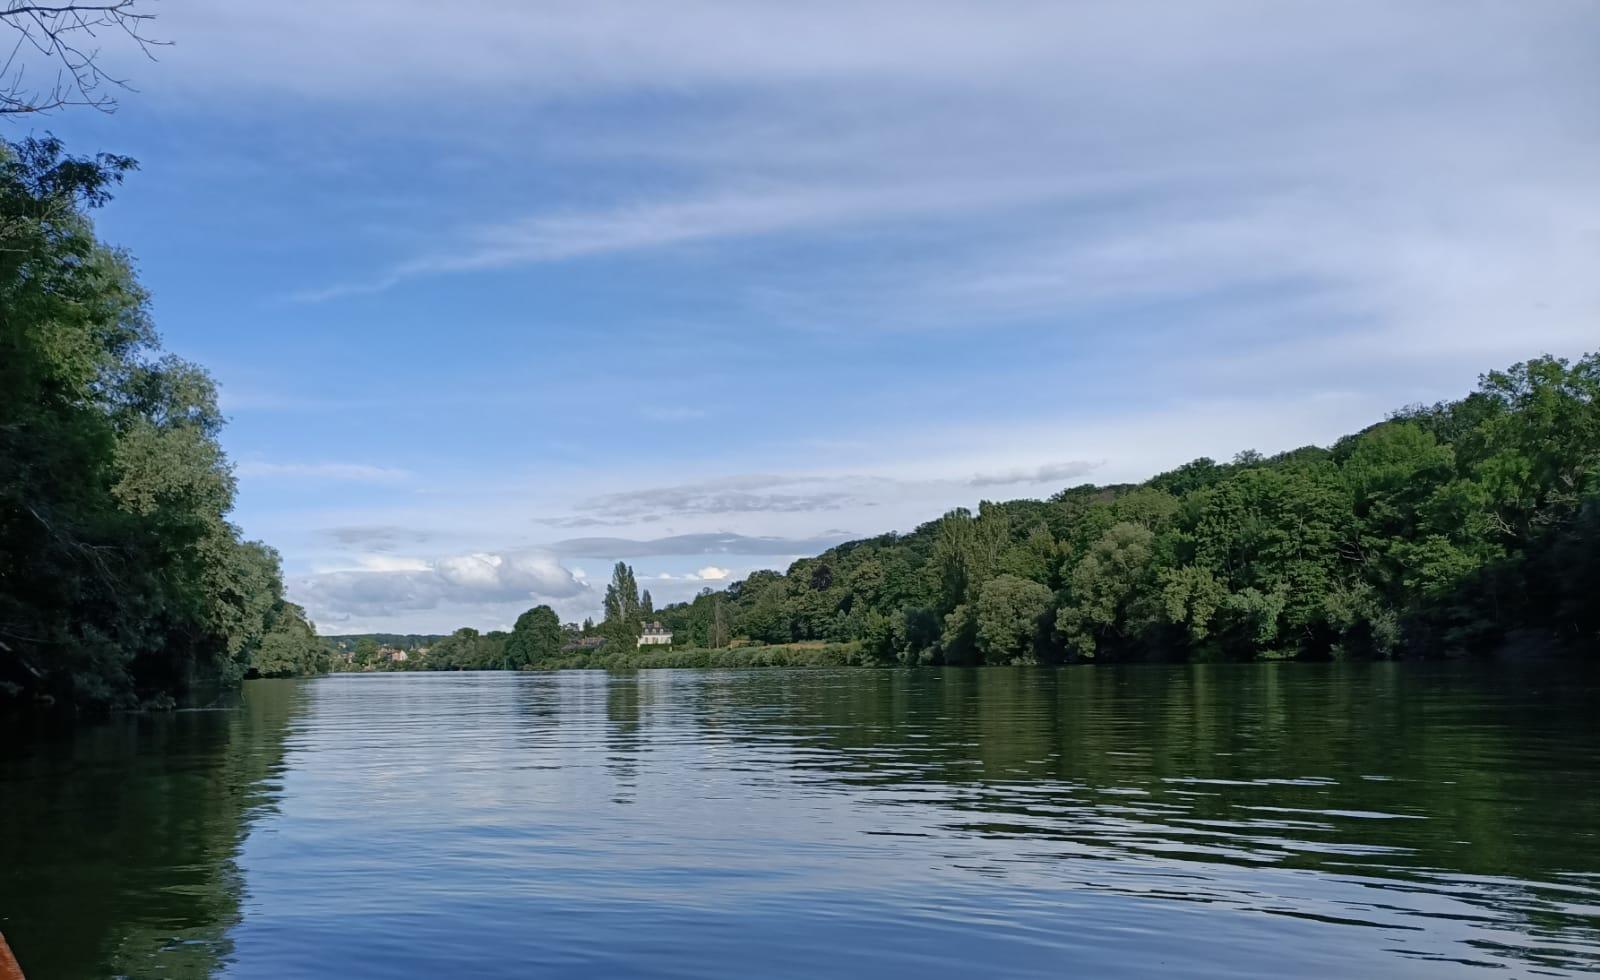 Seine verte, ciel bleu, tache blanche du château de la Rivière en remontant vers Thomery